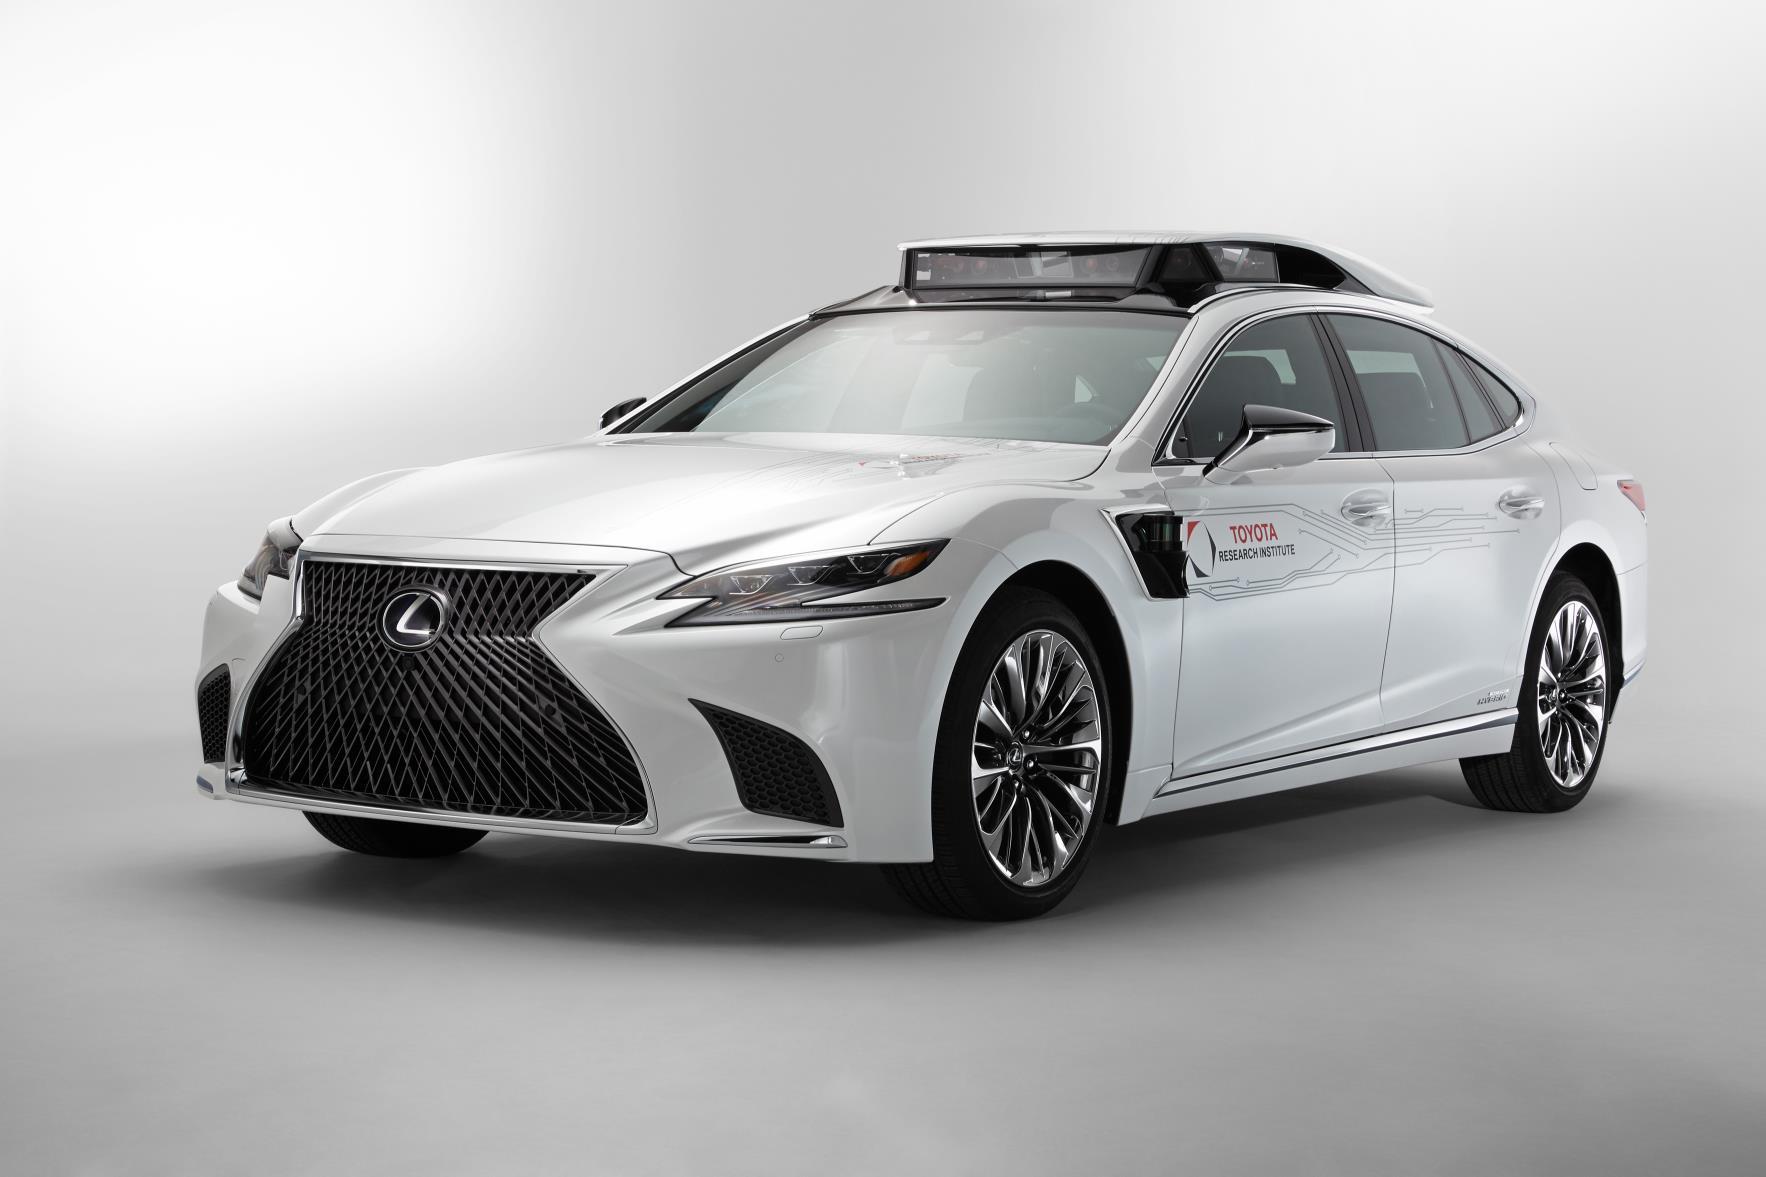 Toyota mostrará en el show de CES en Las Vegas, el vehículo de prueba para la conducción autónoma